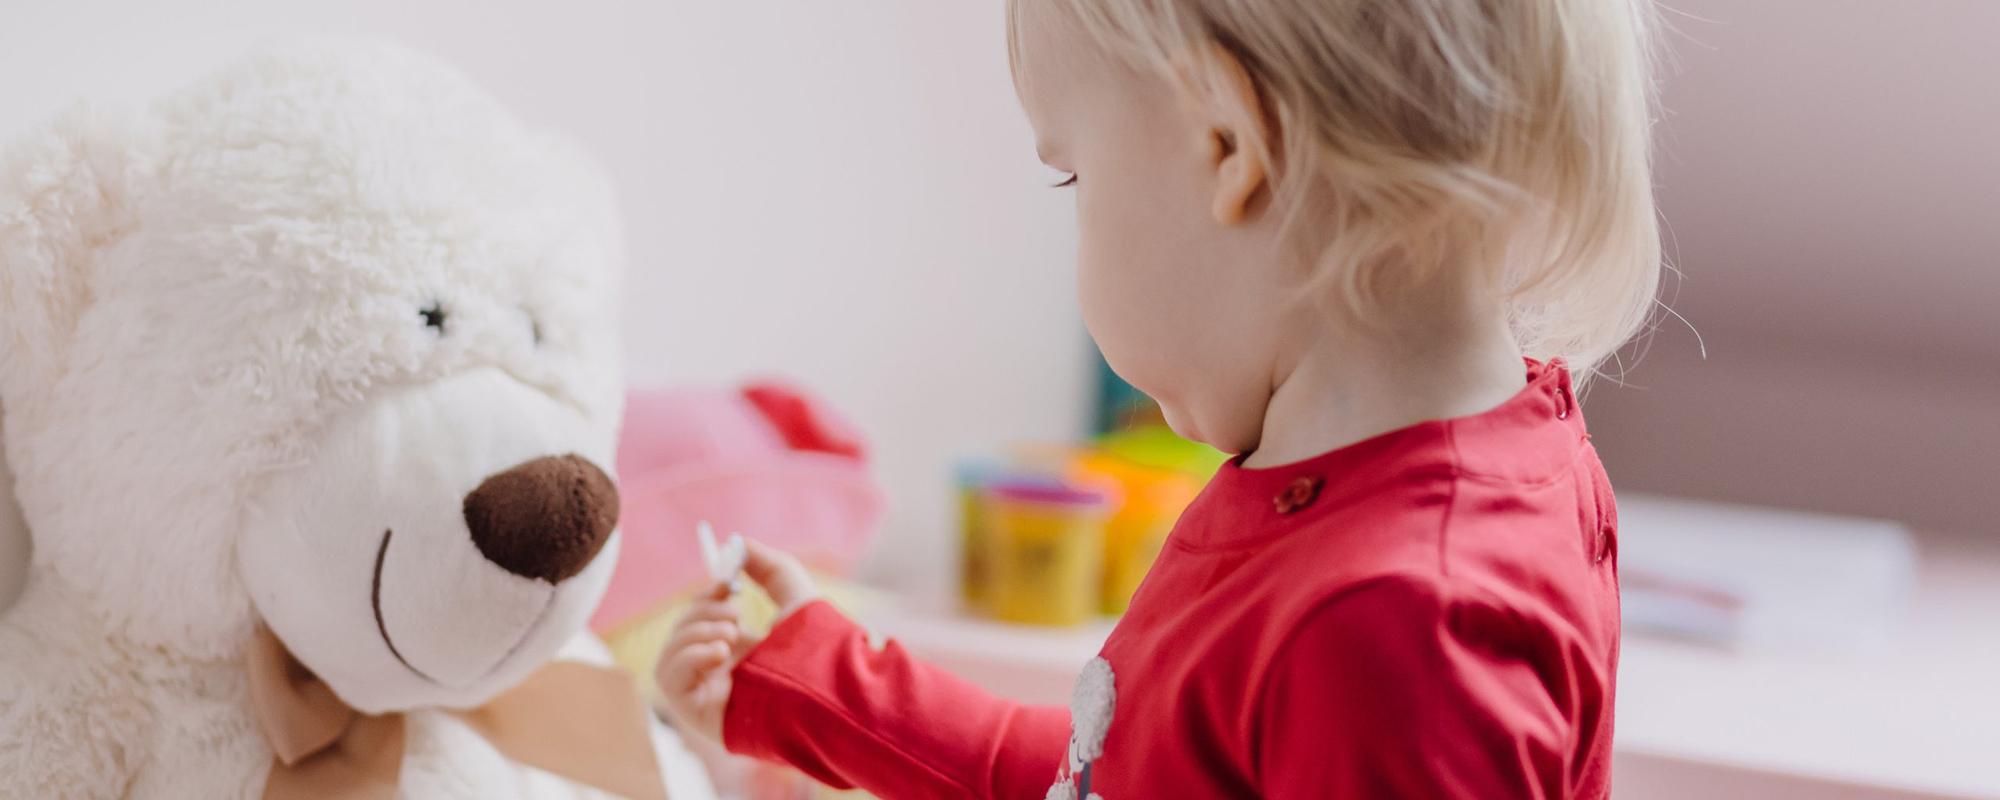 Pieni lapsi näyttää nallelle lelua.